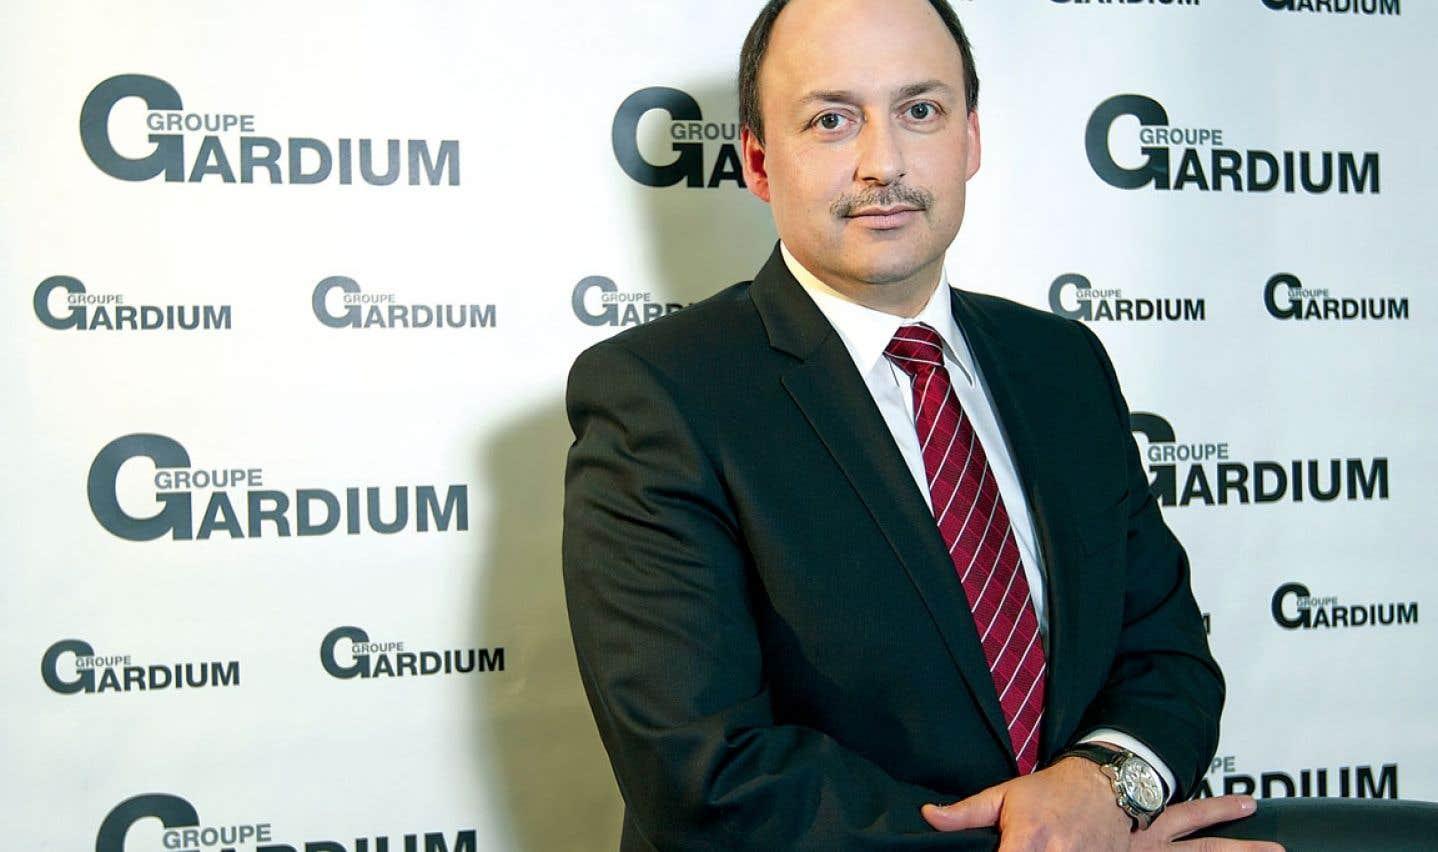 L'entreprise dirigée par Dany Laflamme offre notamment des services de gardiennage. Les agents de Gardium étaient postés à l'UQAM pendant le « printemps érable ».